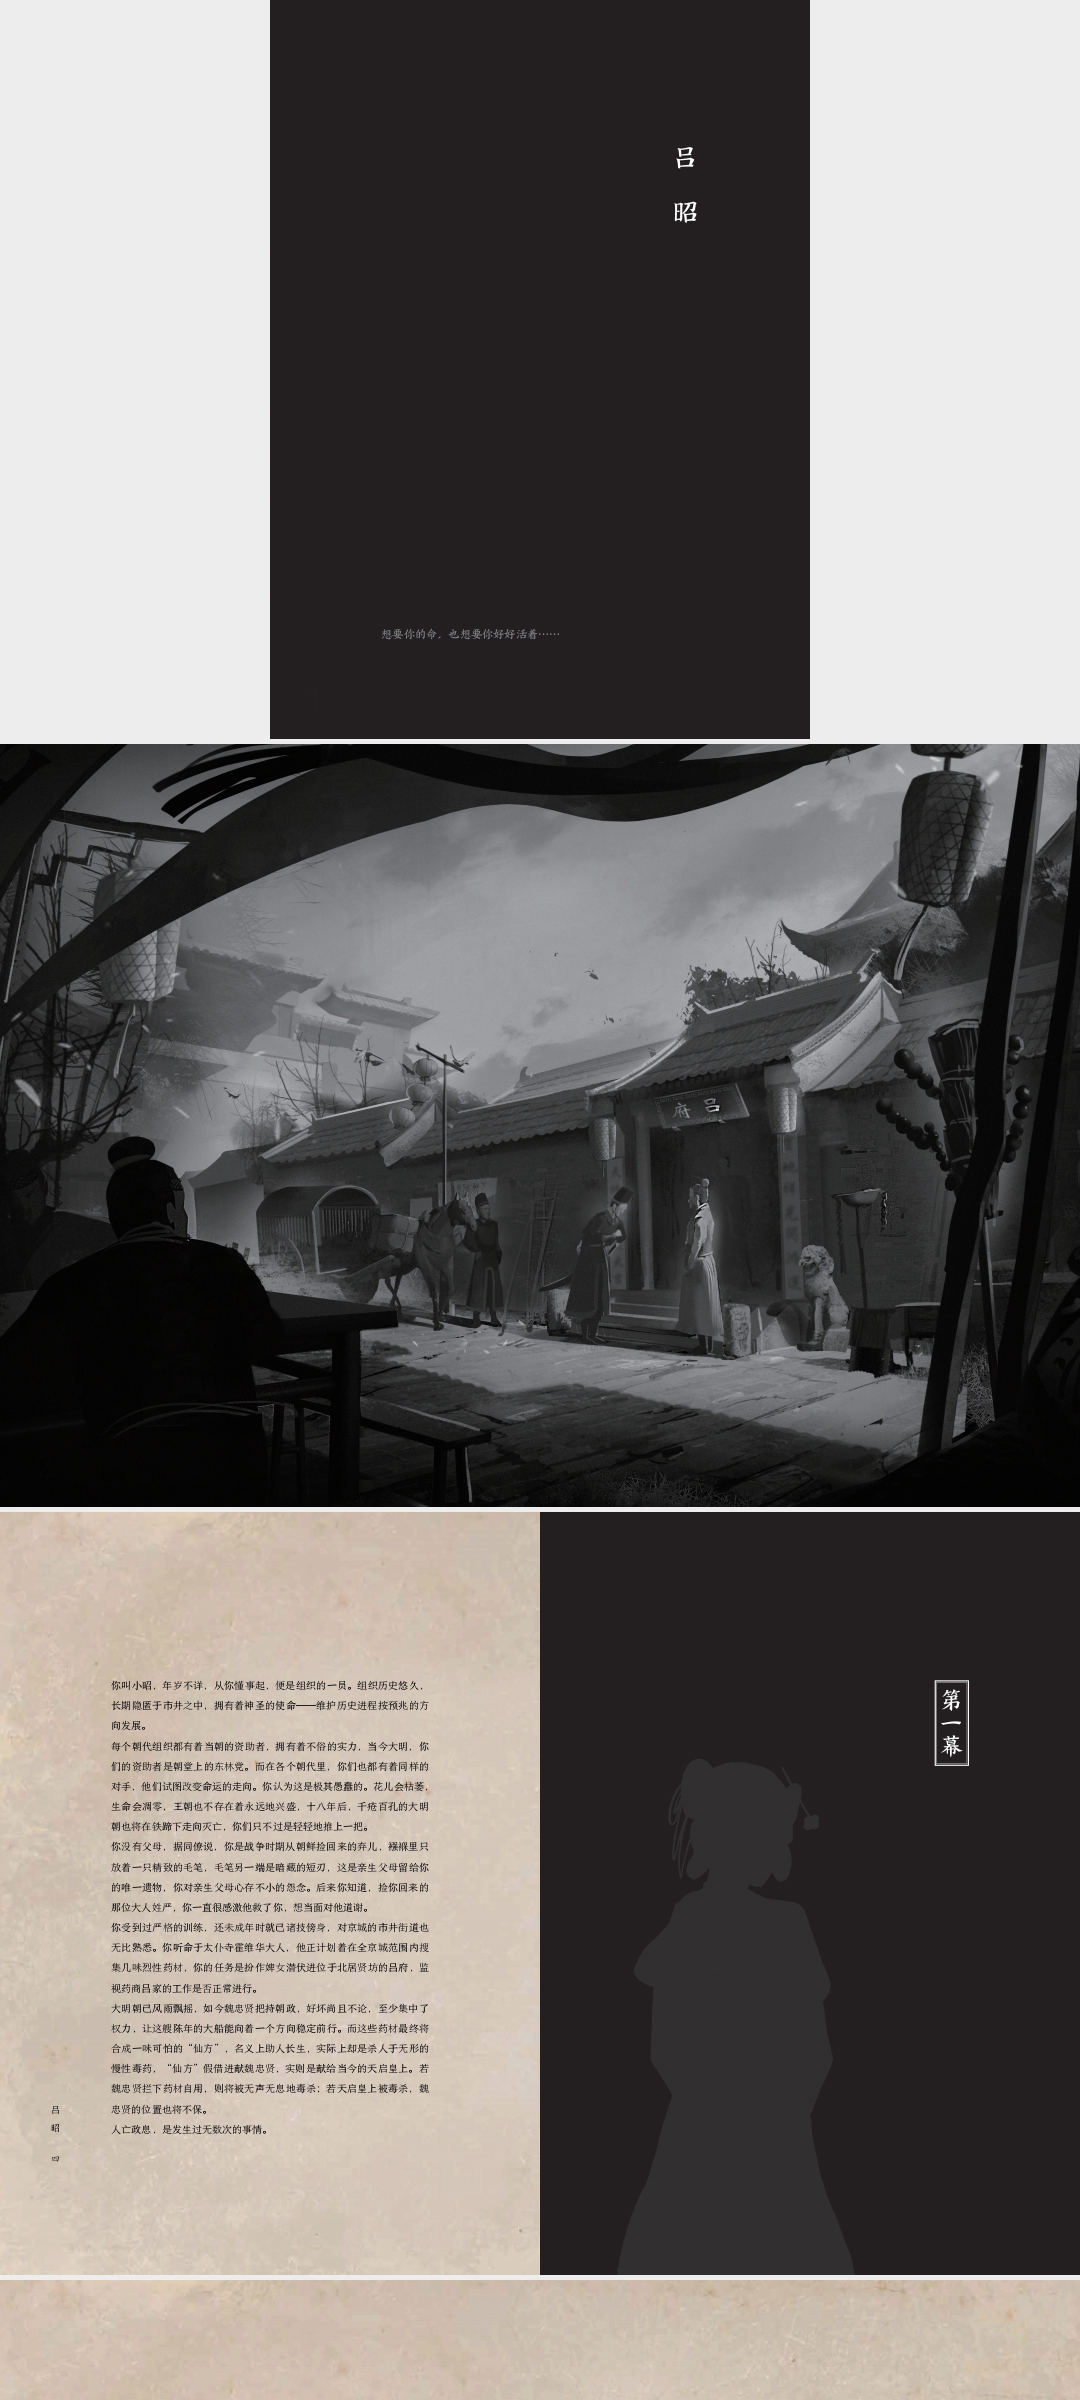 『天启』剧本杀复盘_凶手作案手法揭秘_答案_线索_真相解析